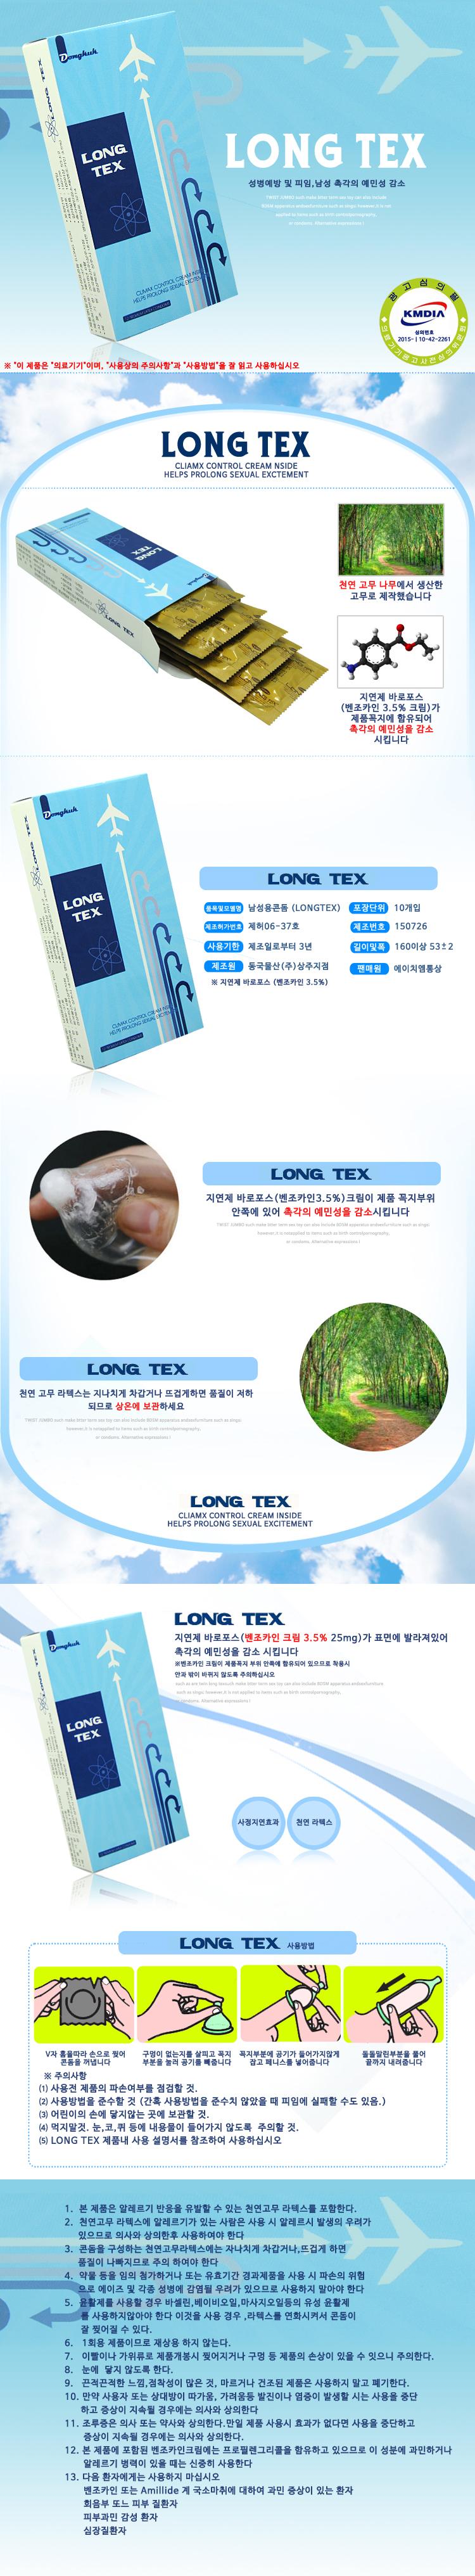 longtax_s.jpg